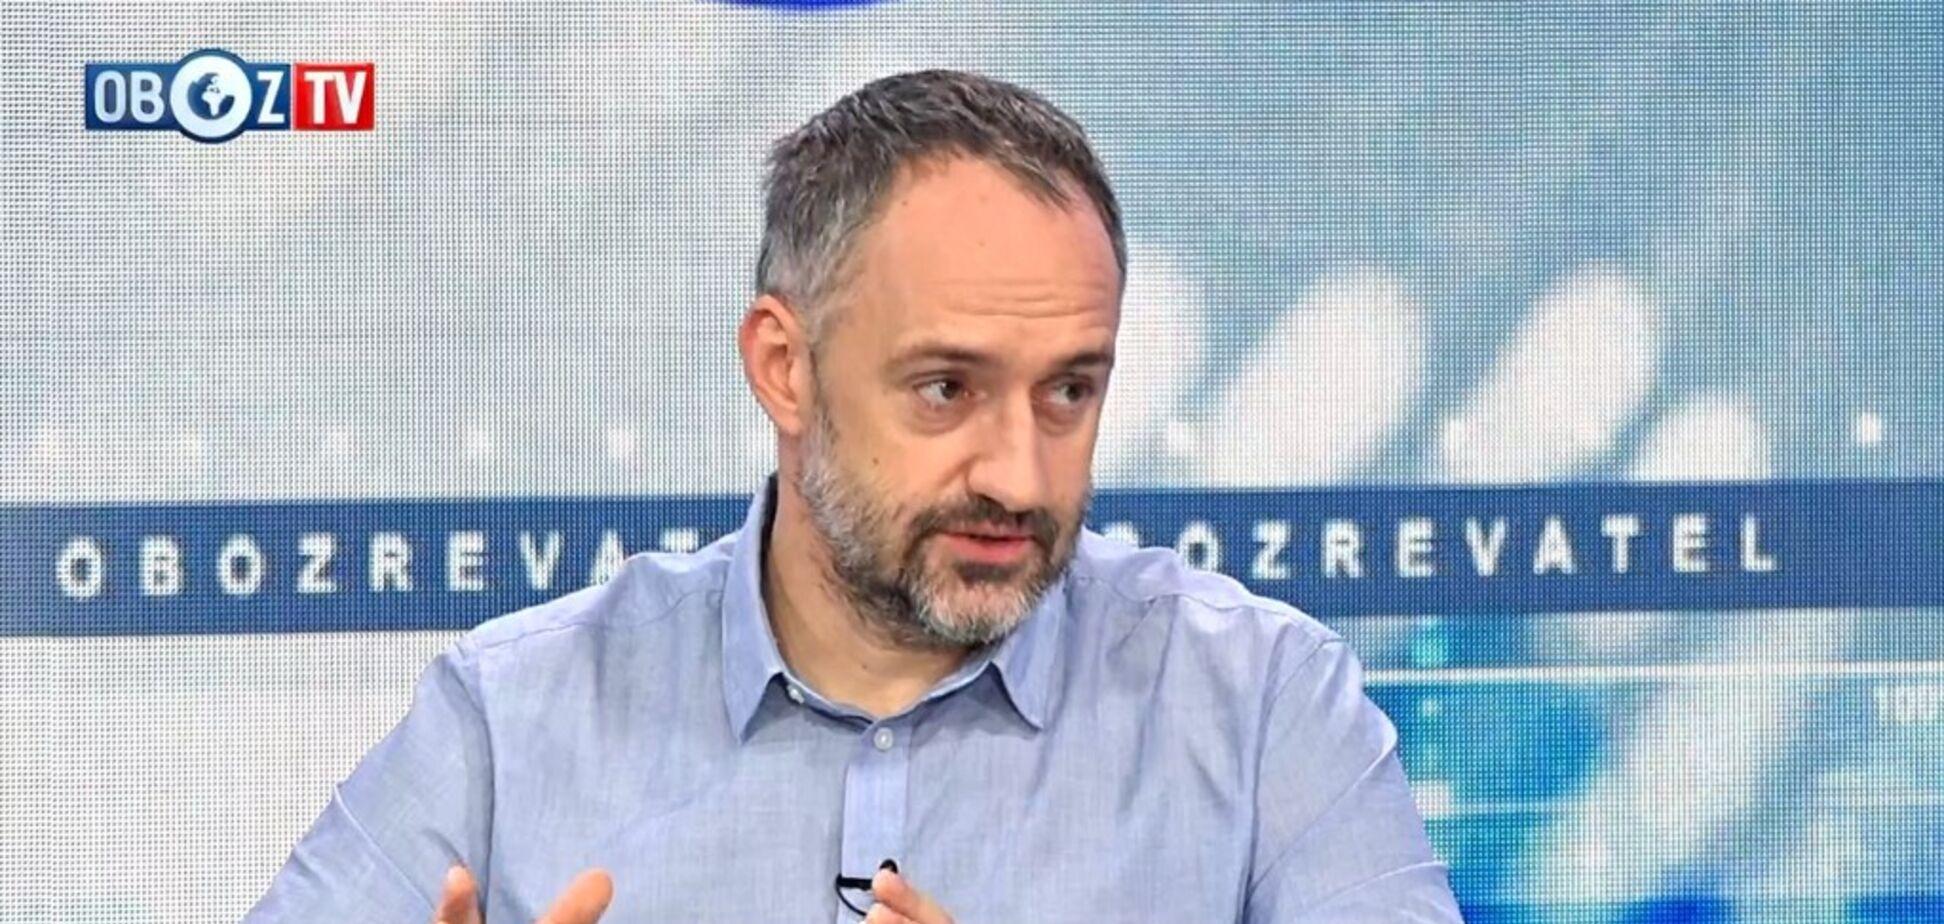 'Укрзализныцю' модернизируют, чтобы найти инвесторов: экономист о приватизации